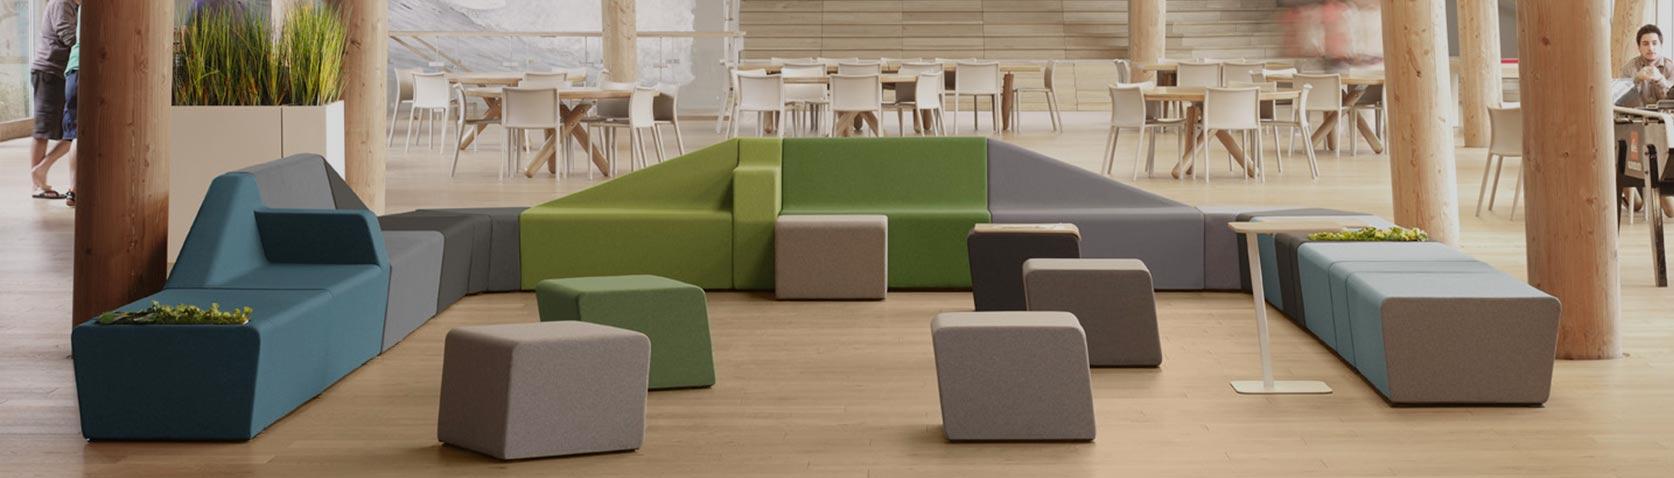 Serbisa sillas y mobiliario de oficina for Mobiliario oficina sillas